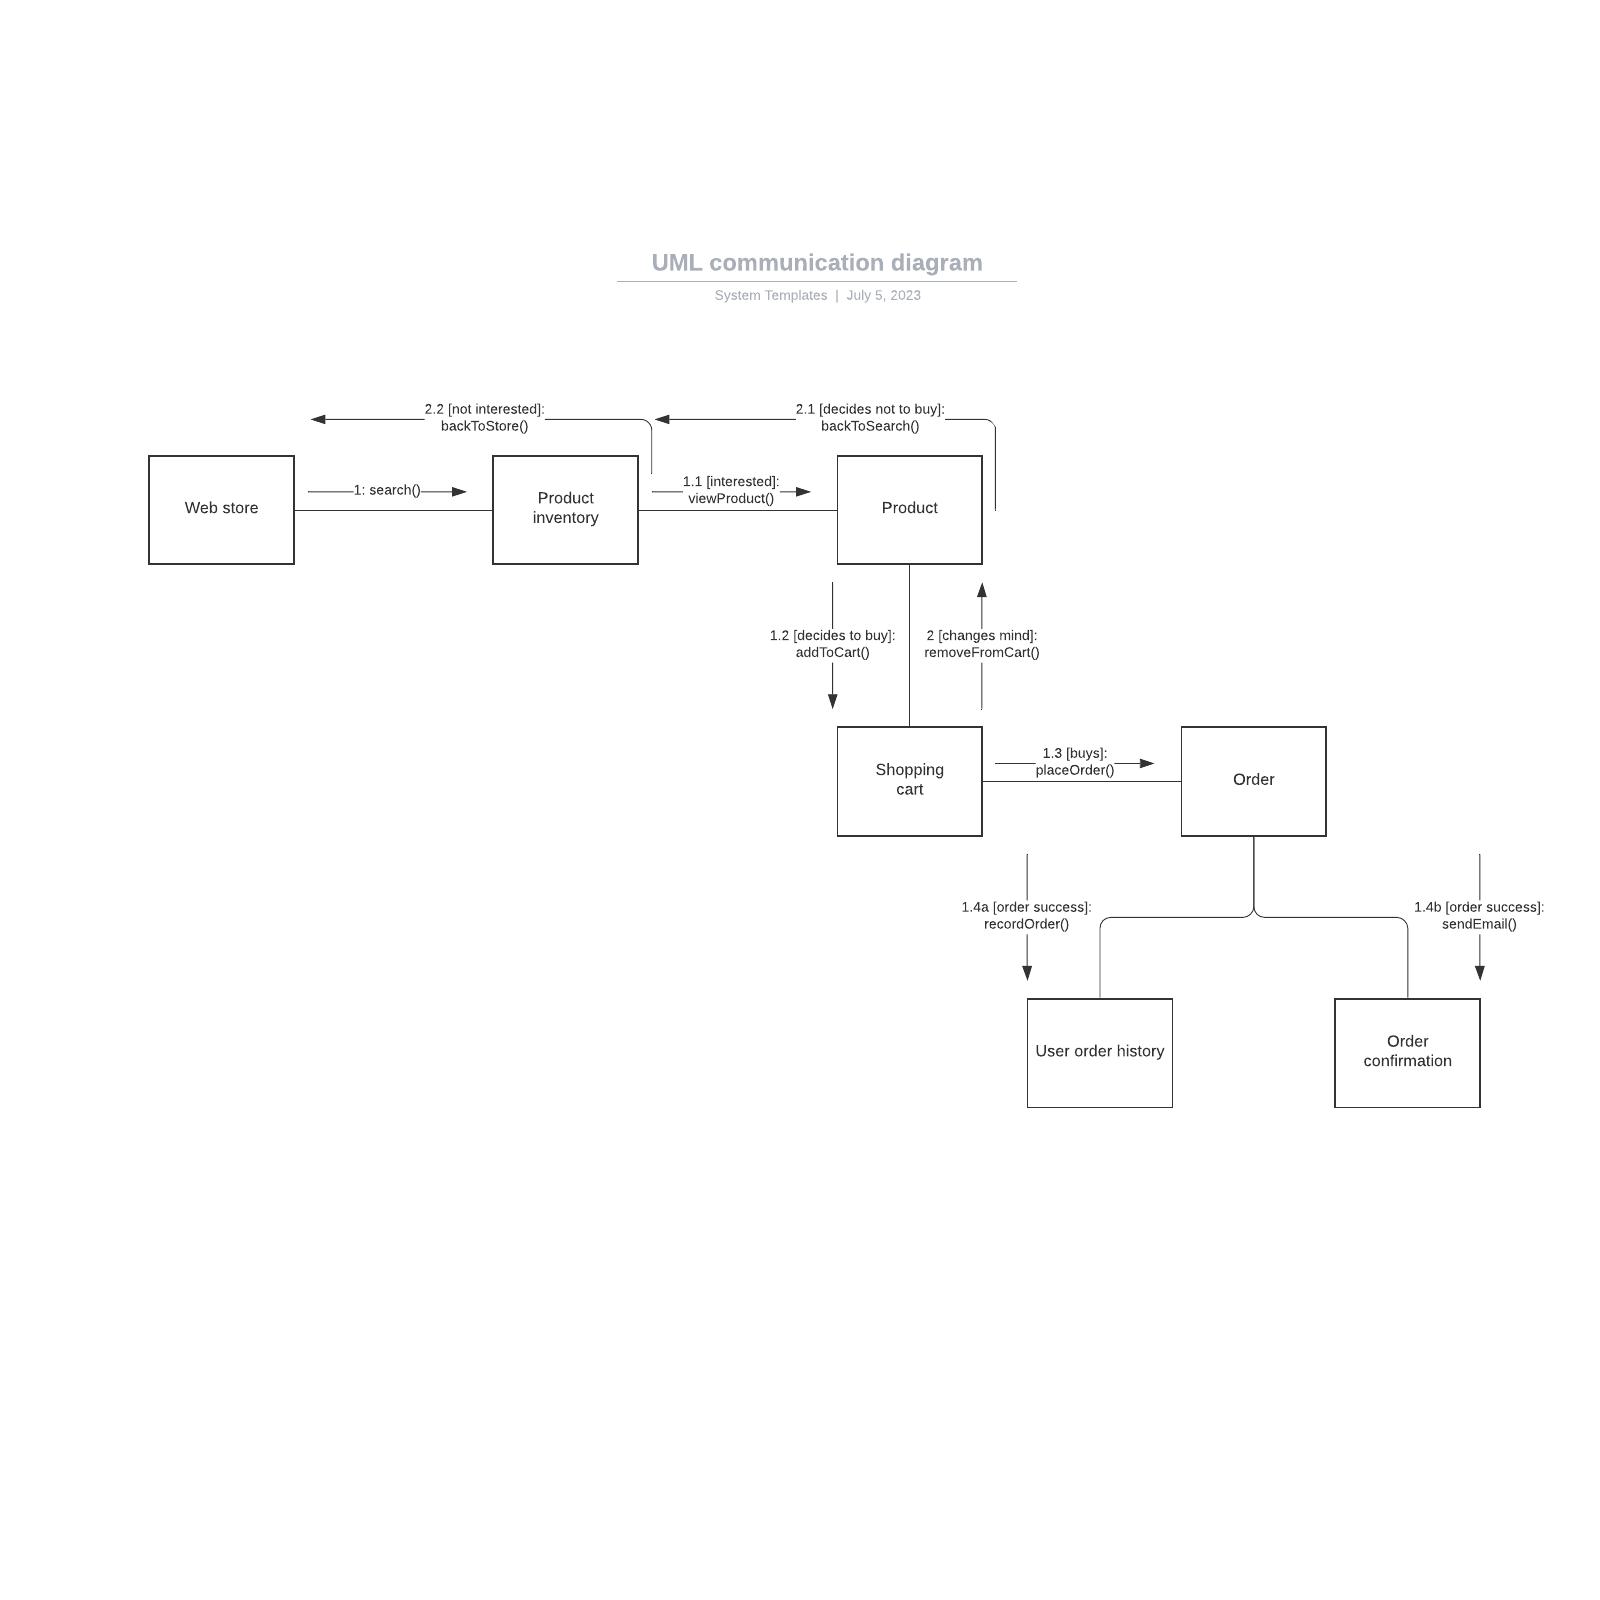 UML communication diagram